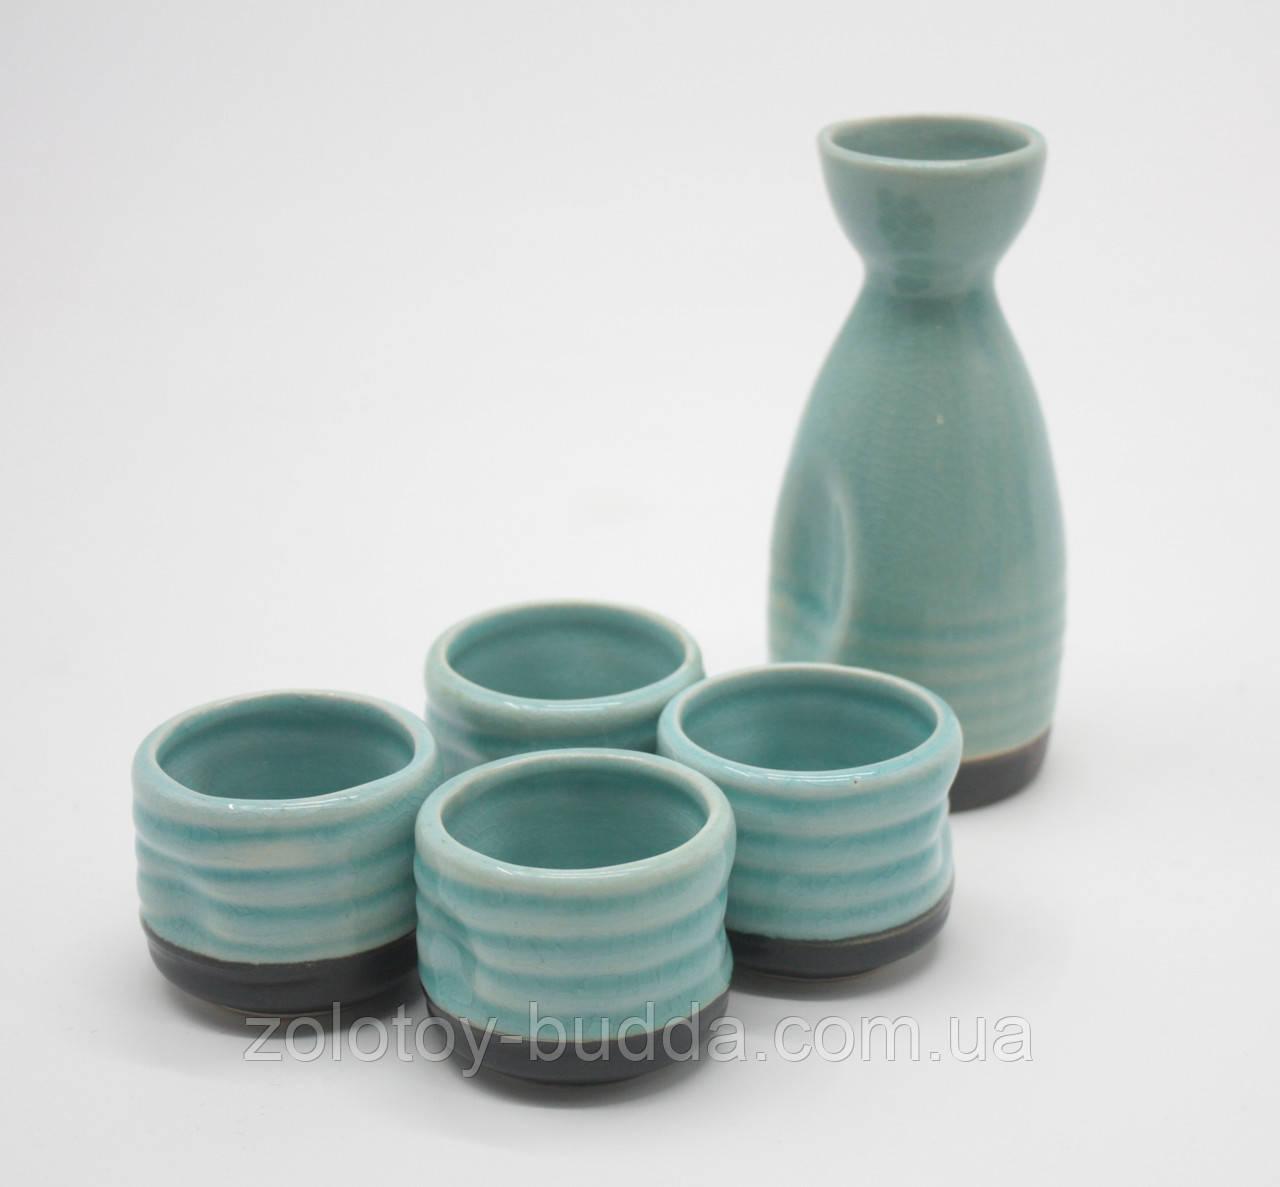 Керамический набор для саке